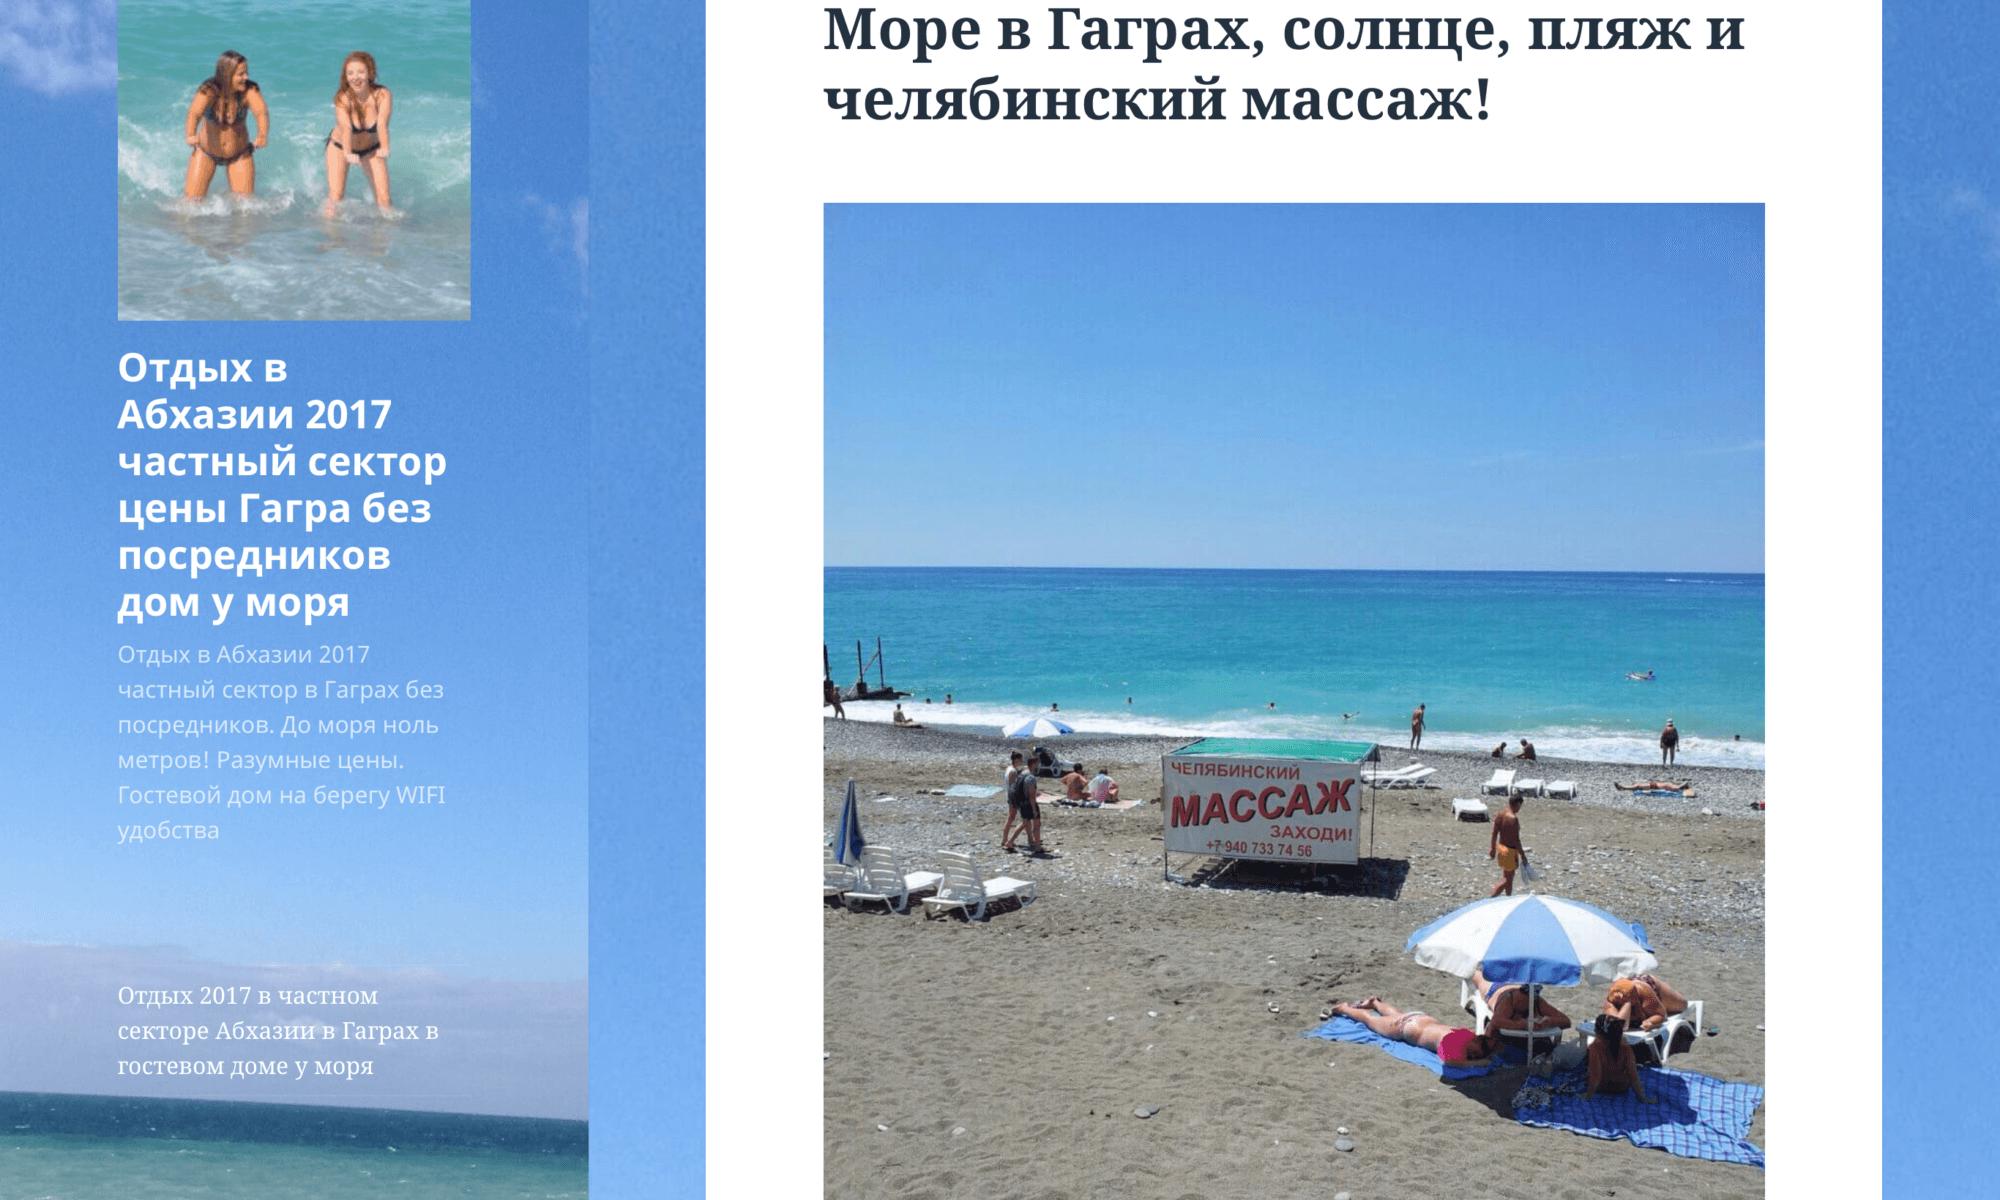 Море в Гаграх пляж массаж